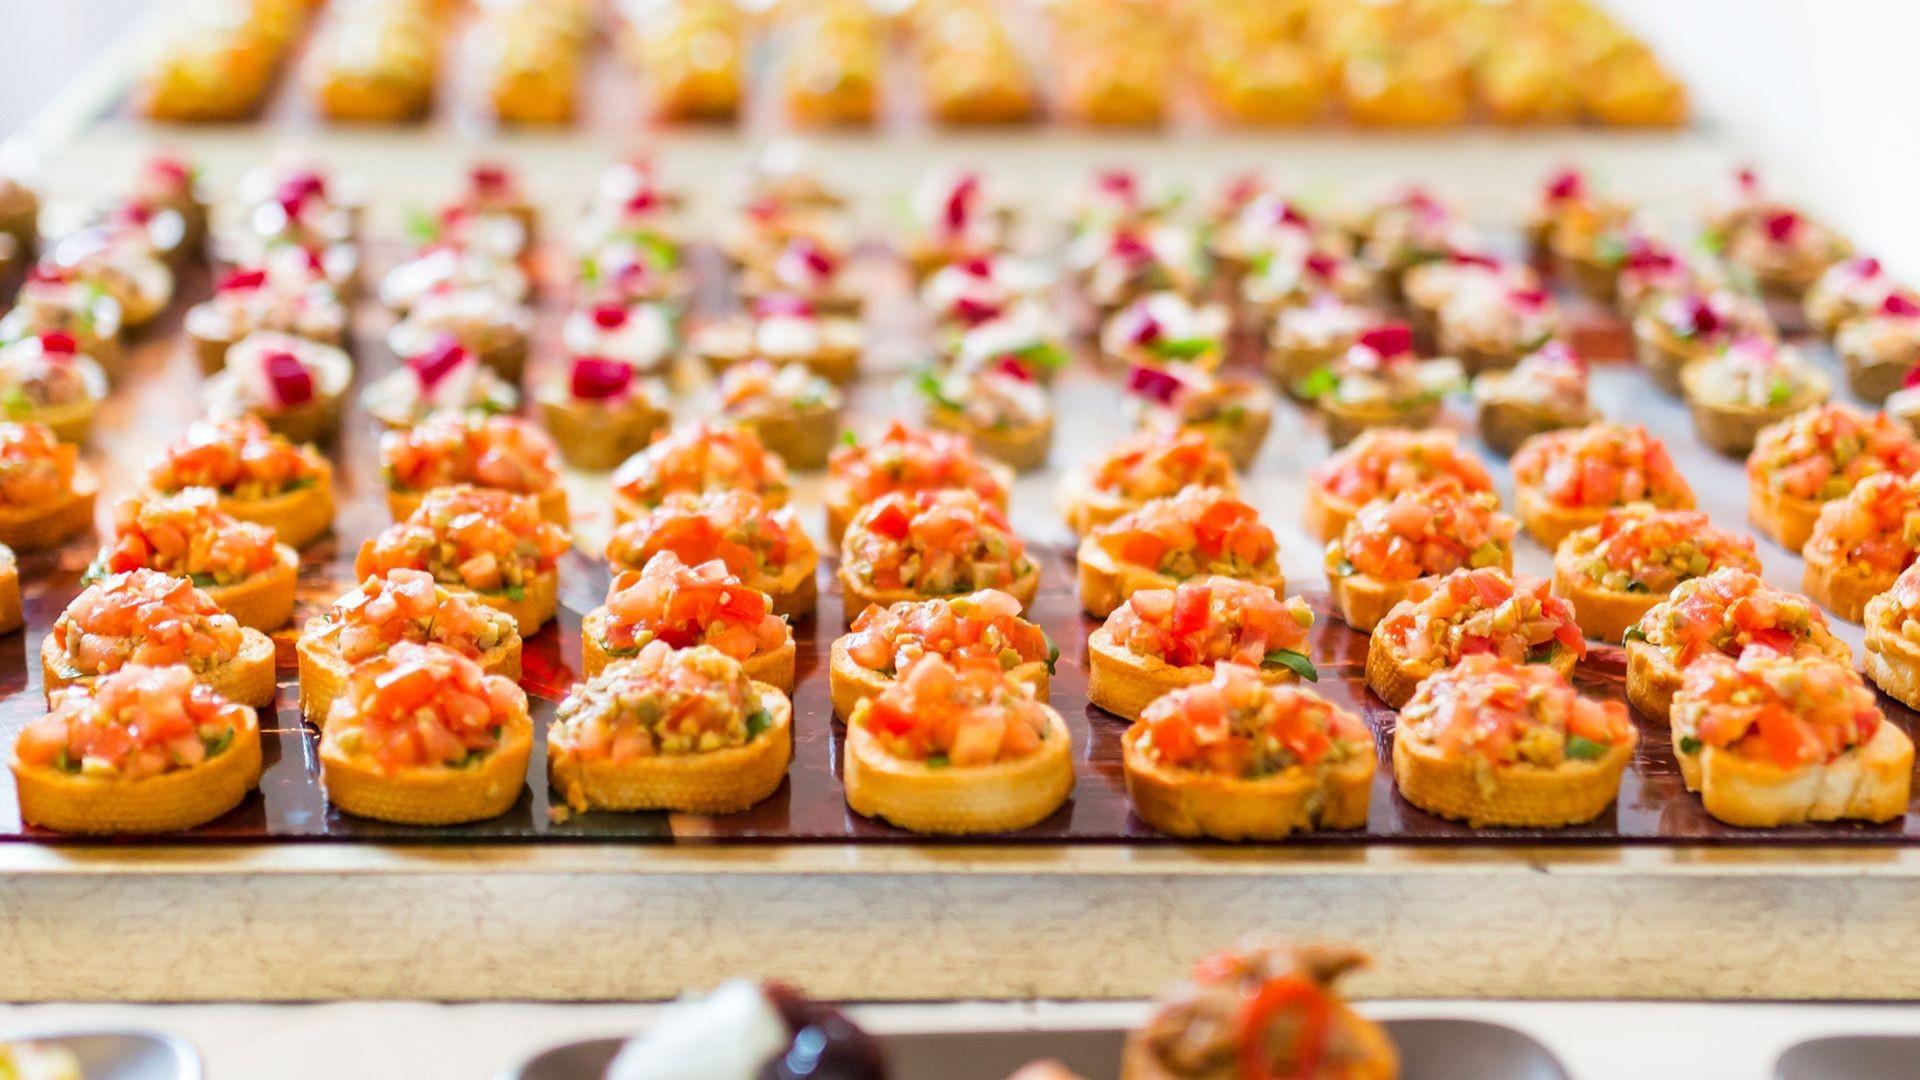 Servicio de catering en Vigo